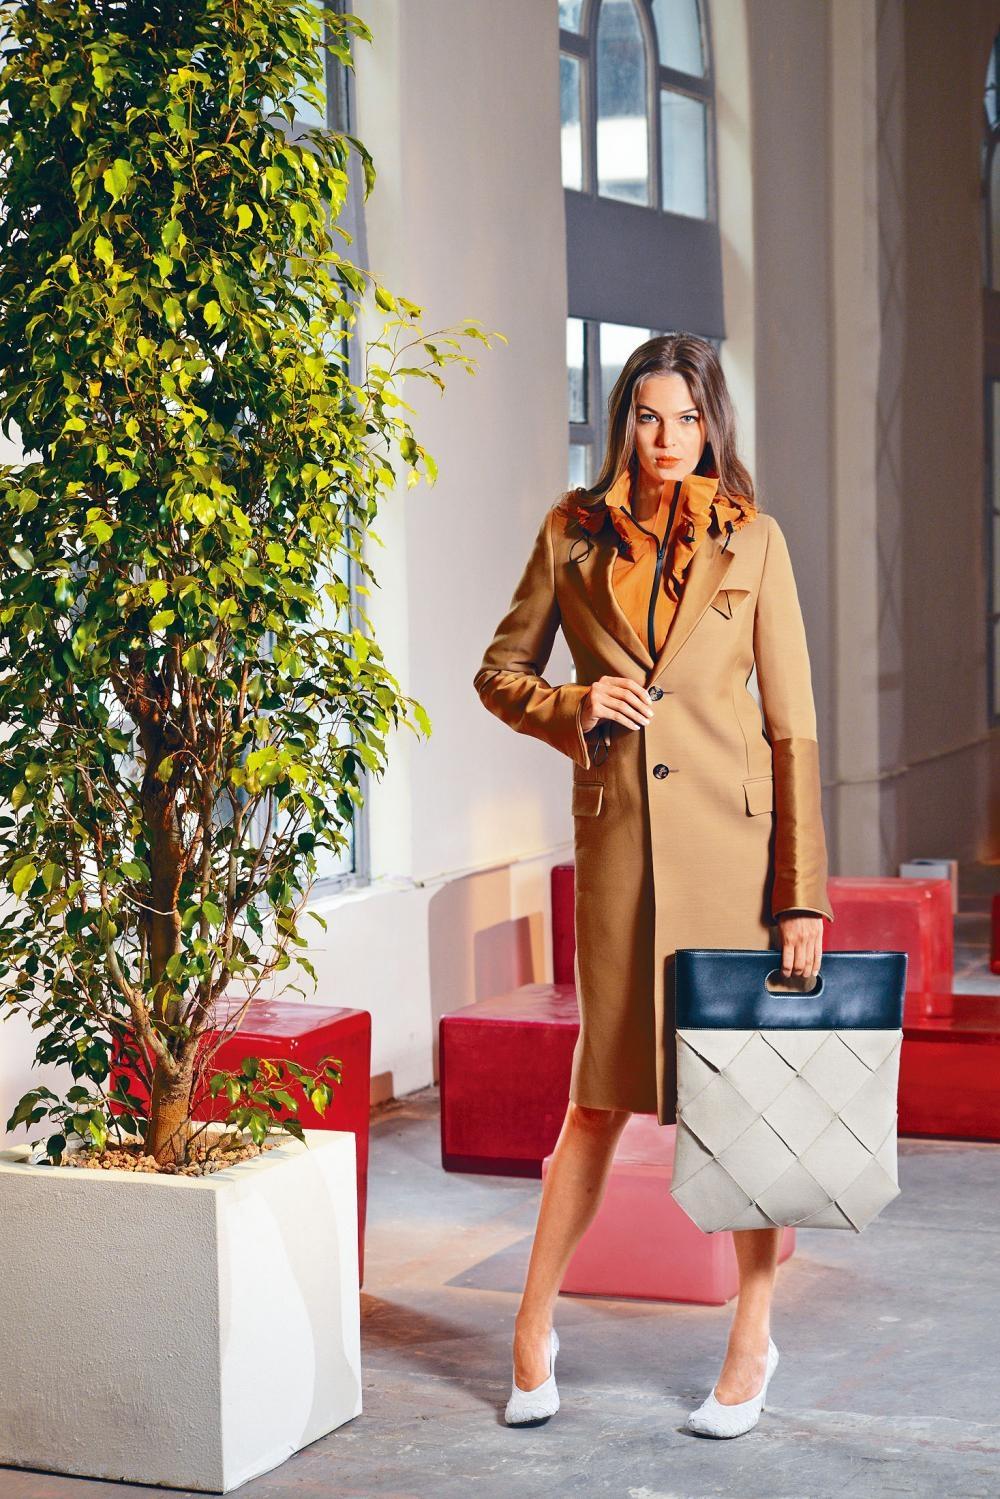 駝色羊毛長褸、橙色風褸、黑色羊皮拼編織帆布The Slip手袋、白色織皮方頭Bloc高跟鞋。